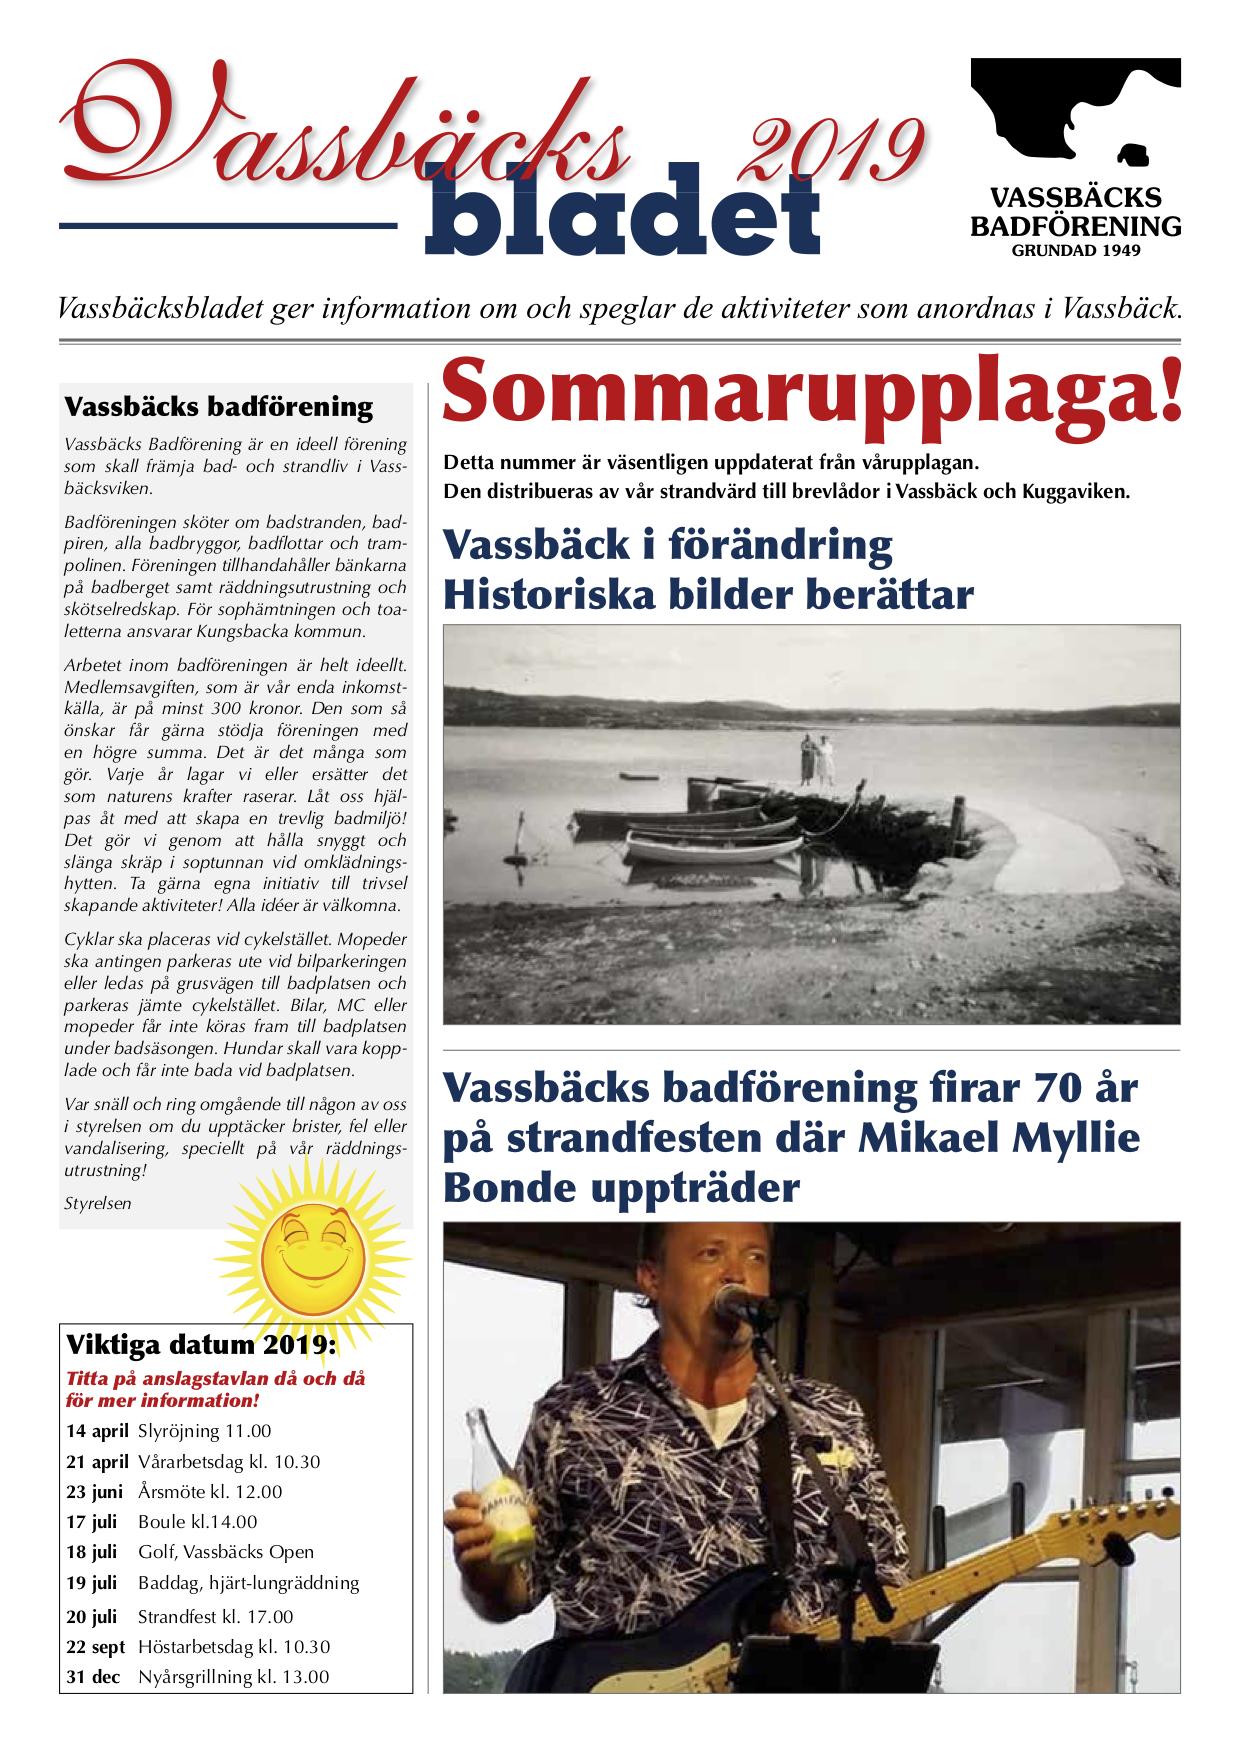 Vassbäcksbladet 2019 sommarupplaga